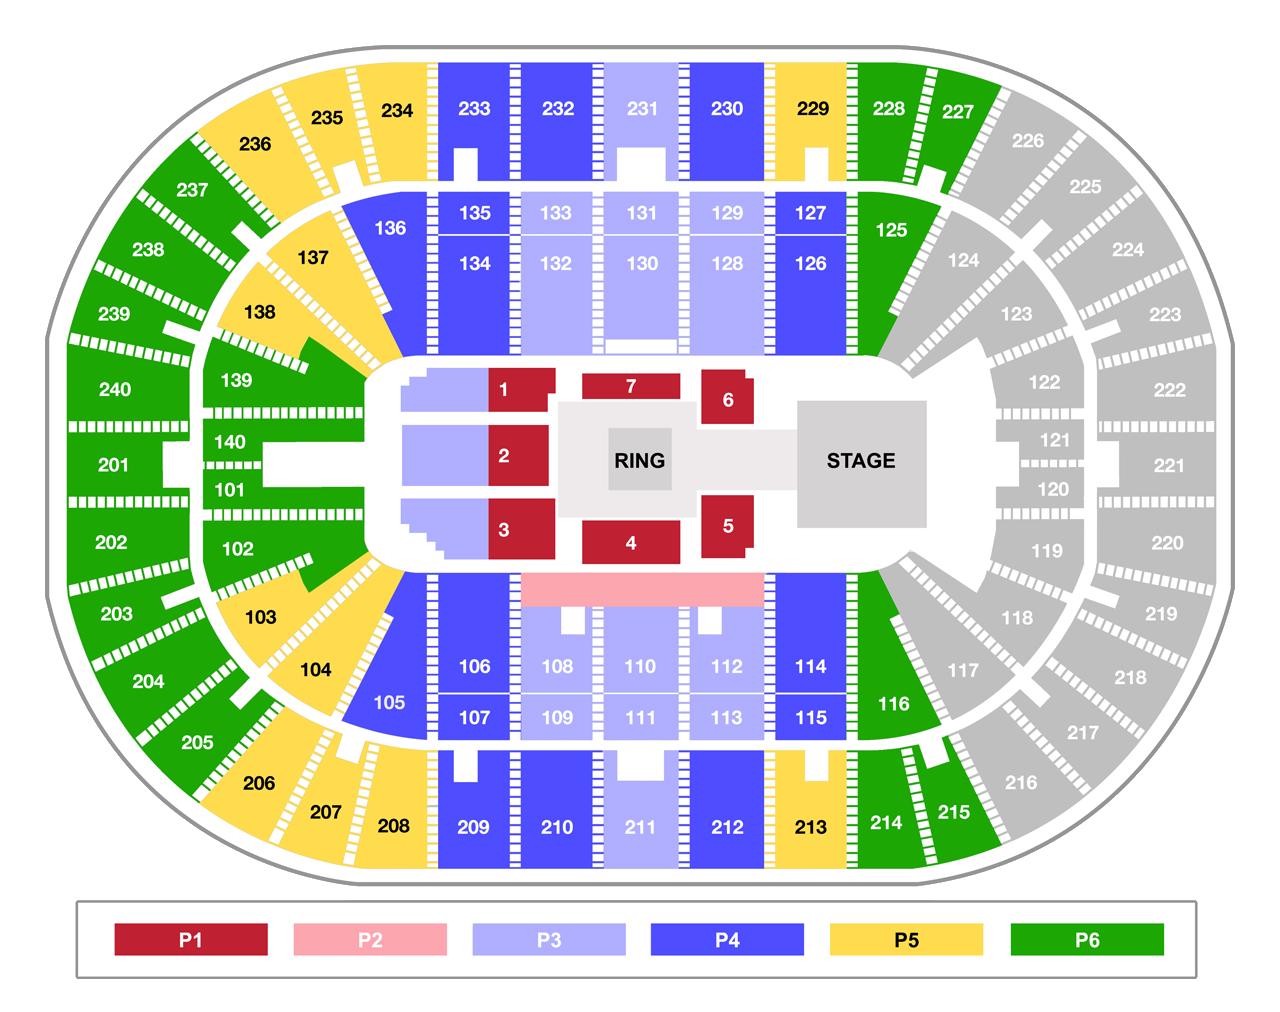 U.S. Bank Arena - WWE Smackdown